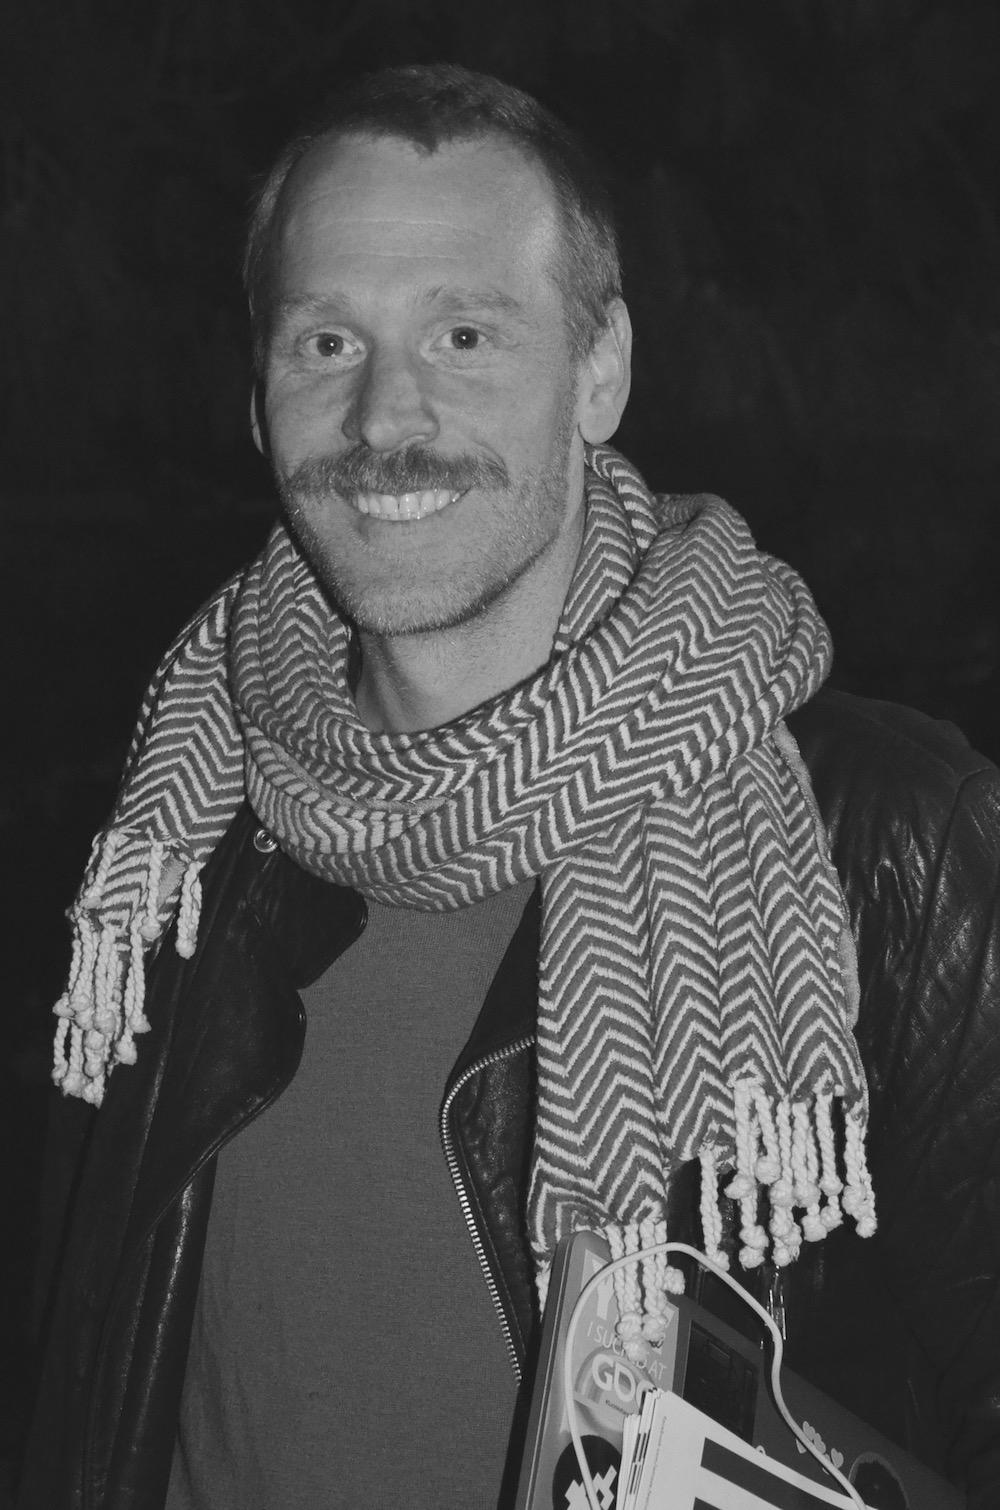 Amaze Director Thorsten Wiedemann